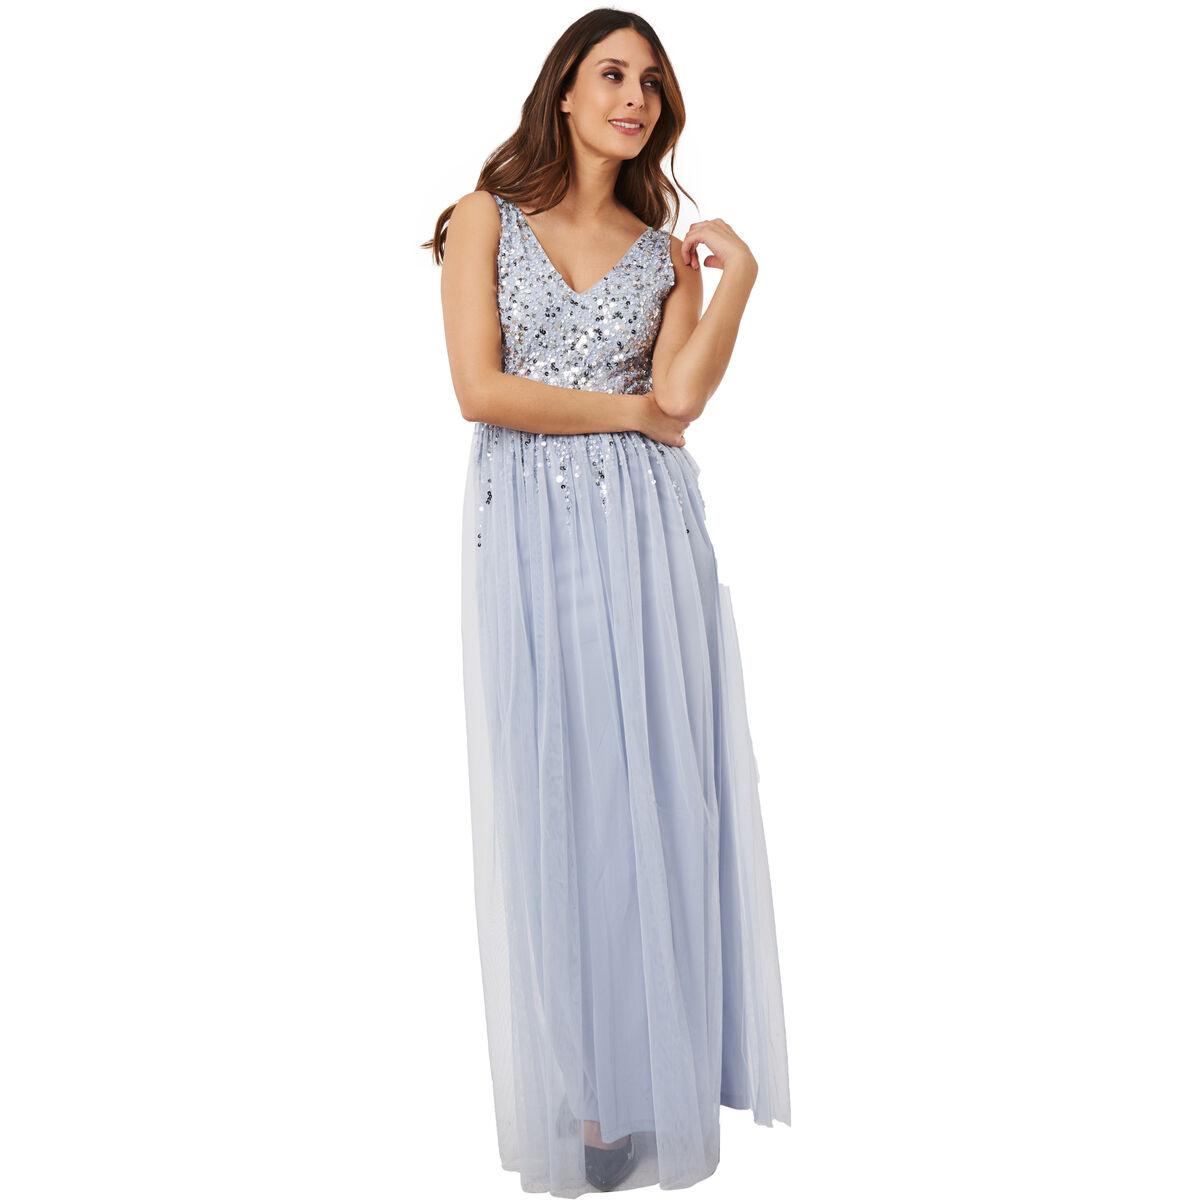 10 Genial Festliche Abendbekleidung Damen Ärmel17 Elegant Festliche Abendbekleidung Damen Spezialgebiet